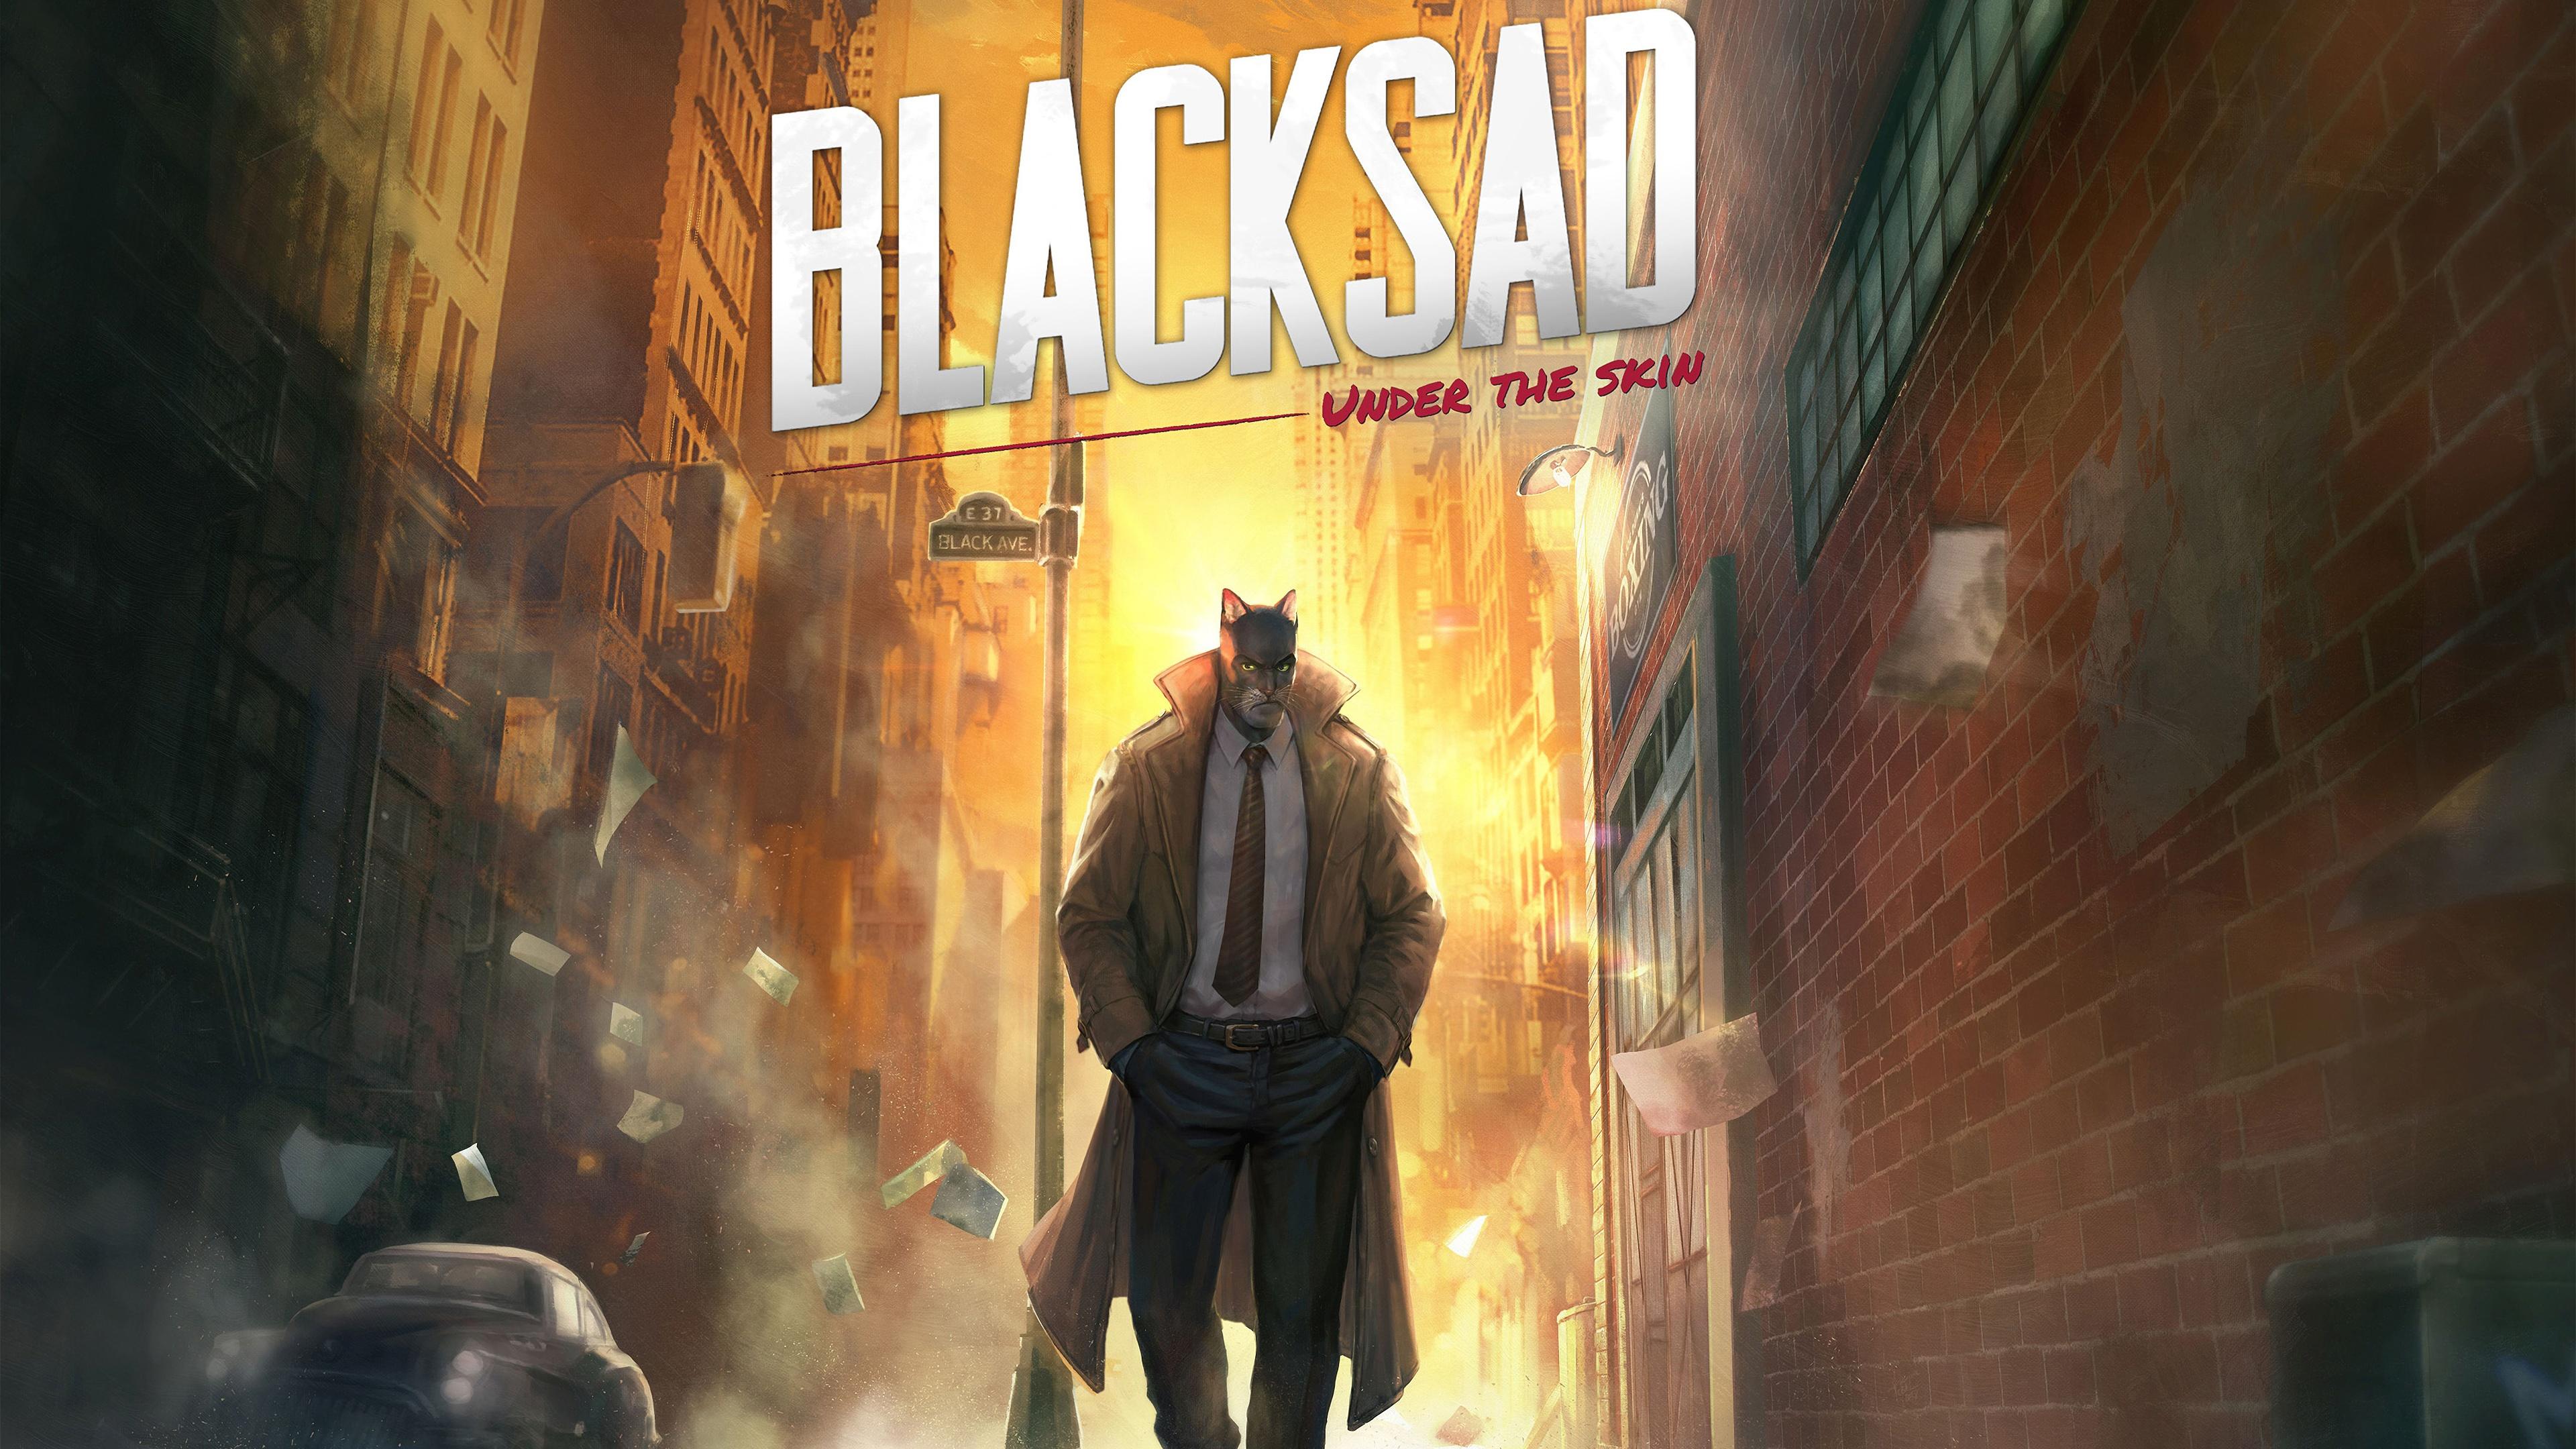 BLACKSAD Under the Skin 4K 8K HD Wallpaper 3840x2160